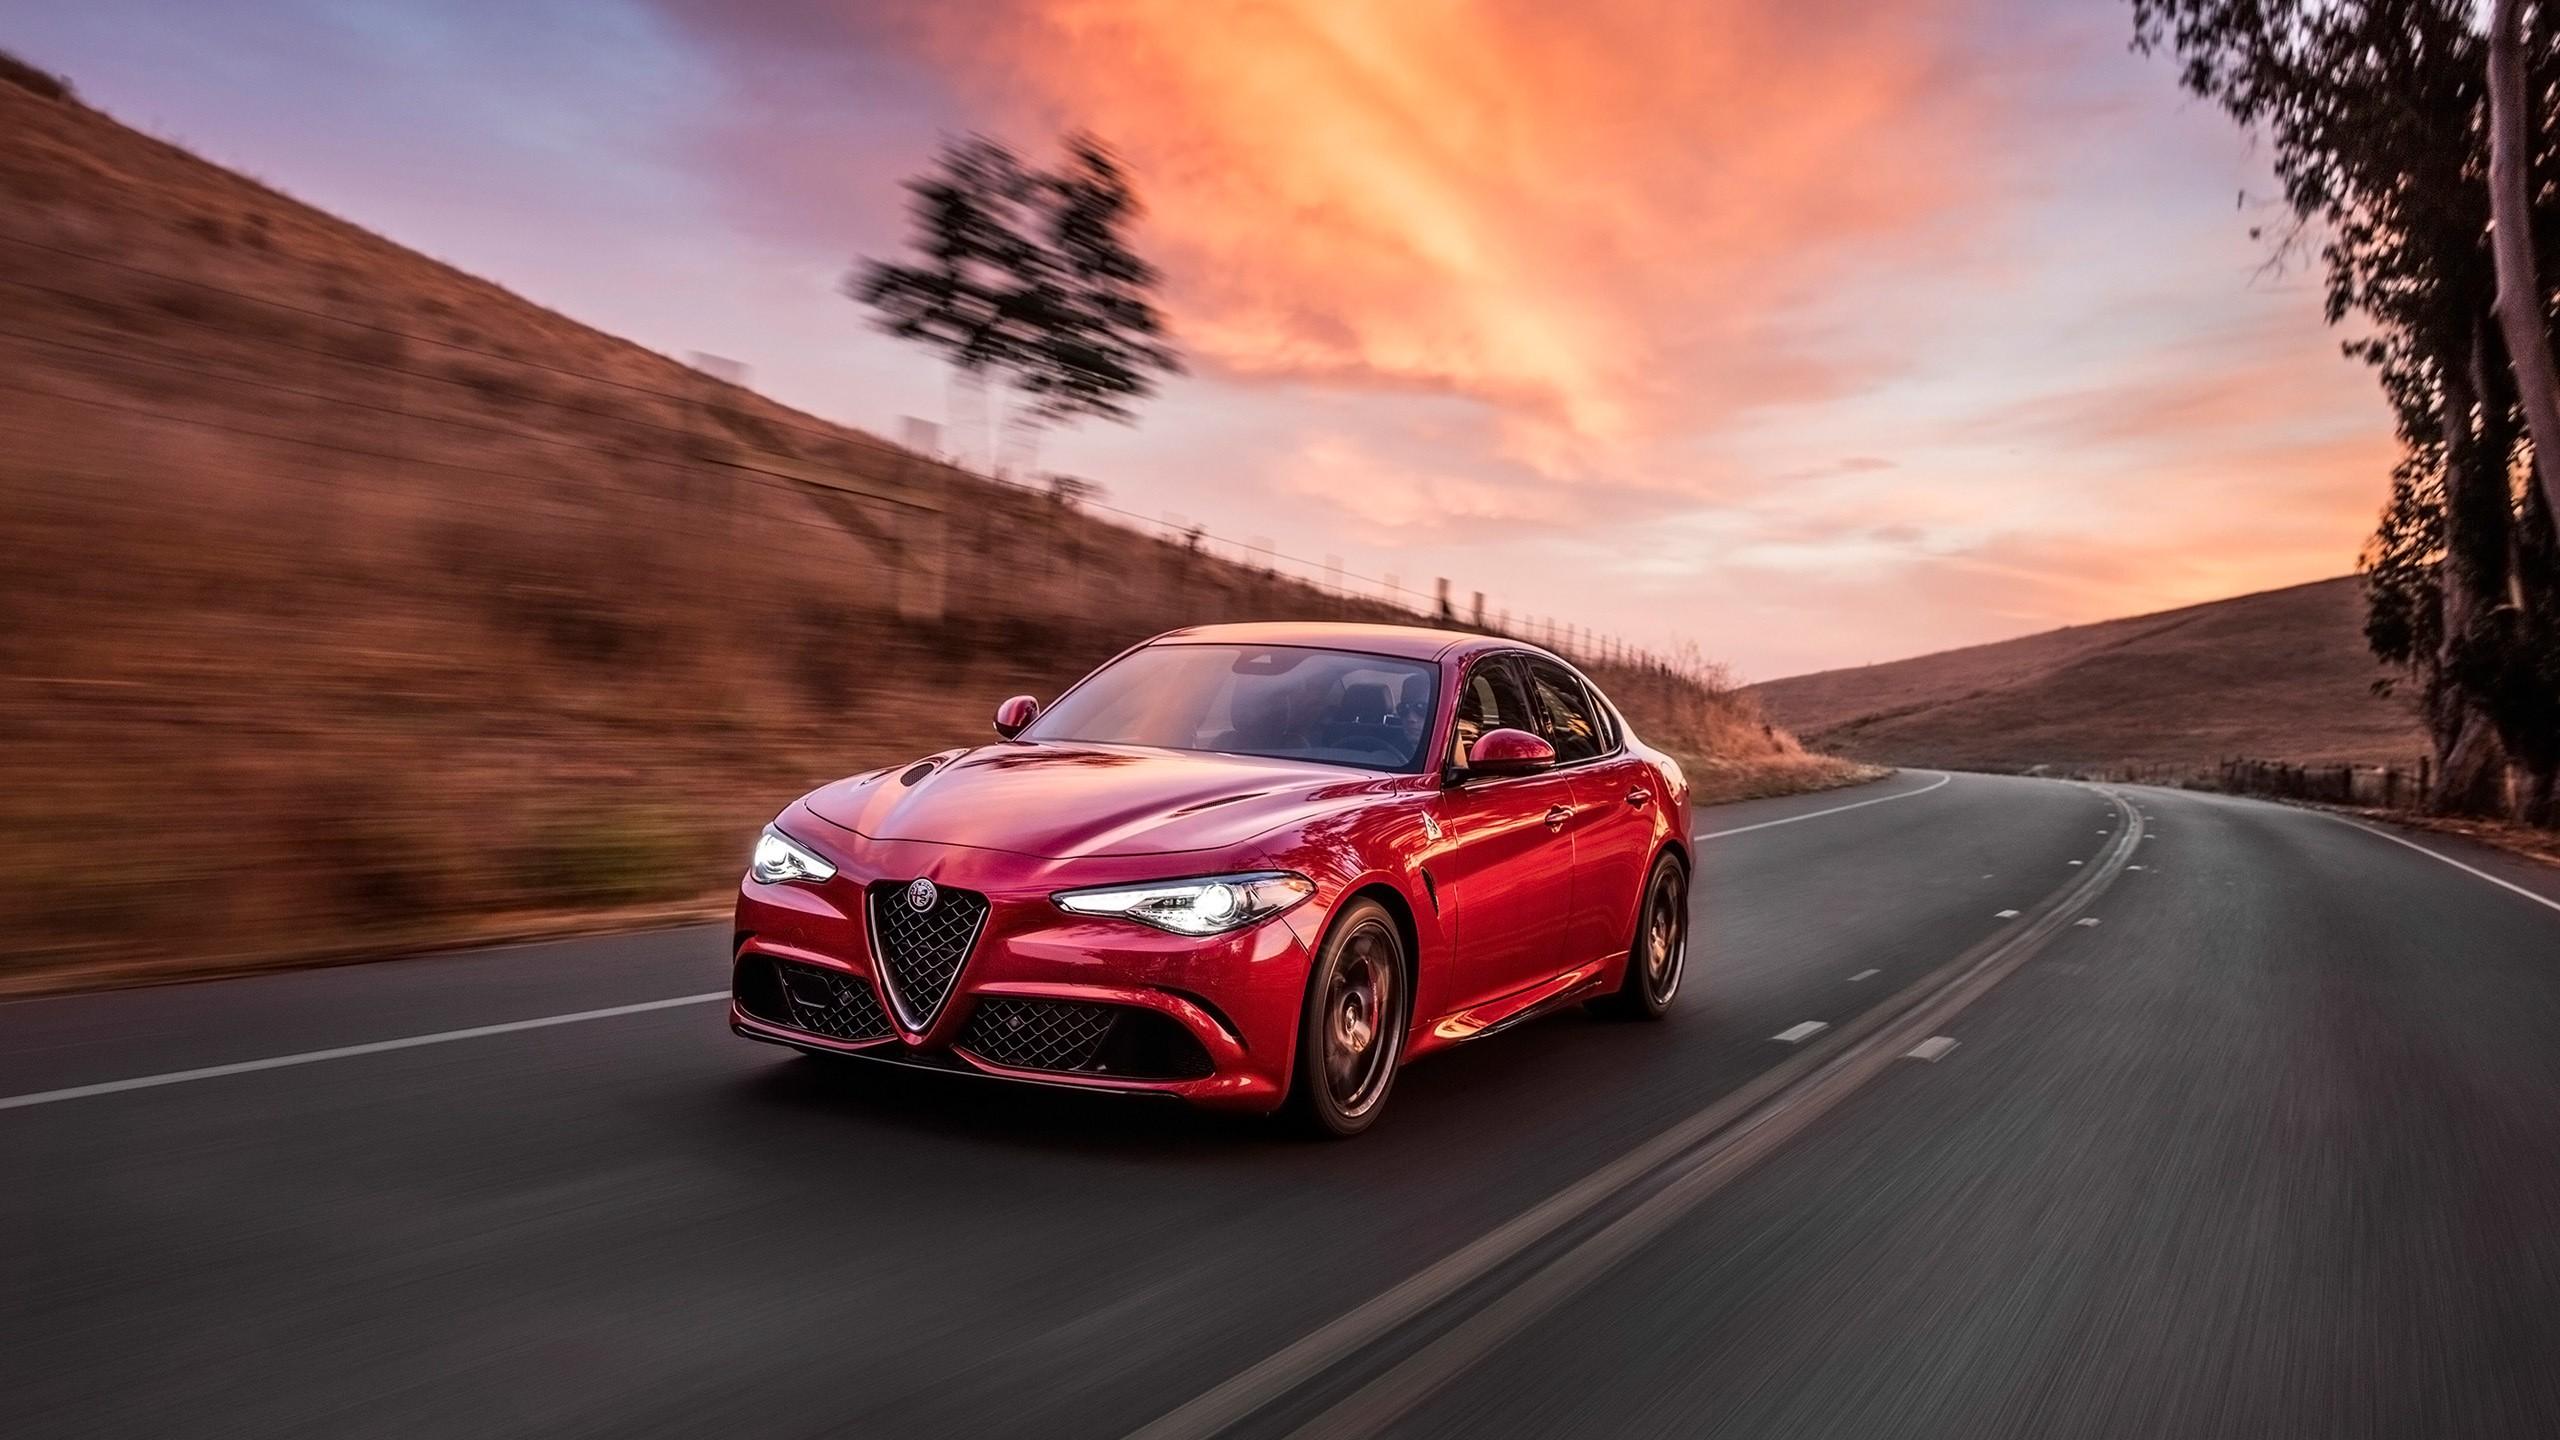 2017 Alfa Romeo Giulia Quadrifoglio Wallpaper | HD Car ...